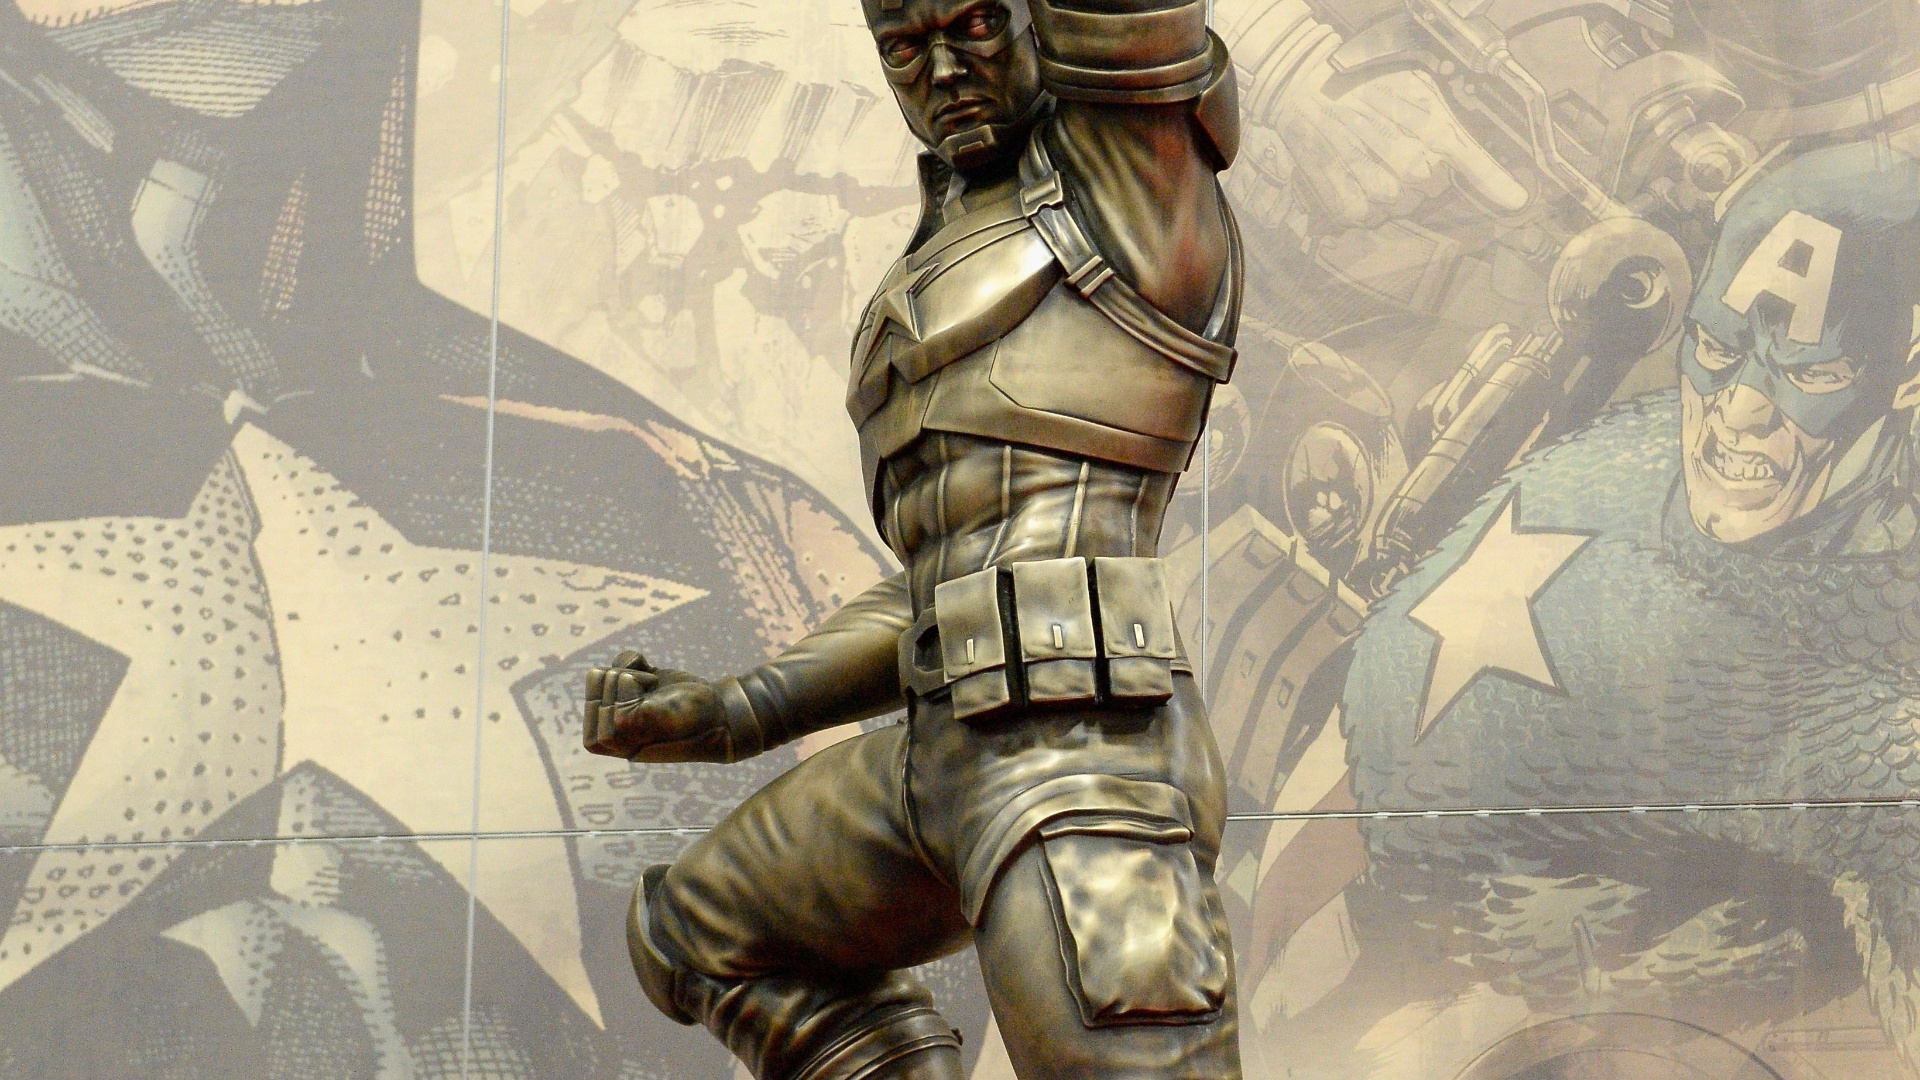 20.jul.2016 - O Capitão América ganhou uma estátua de bronze em comemoração aos 75 anos do personagem